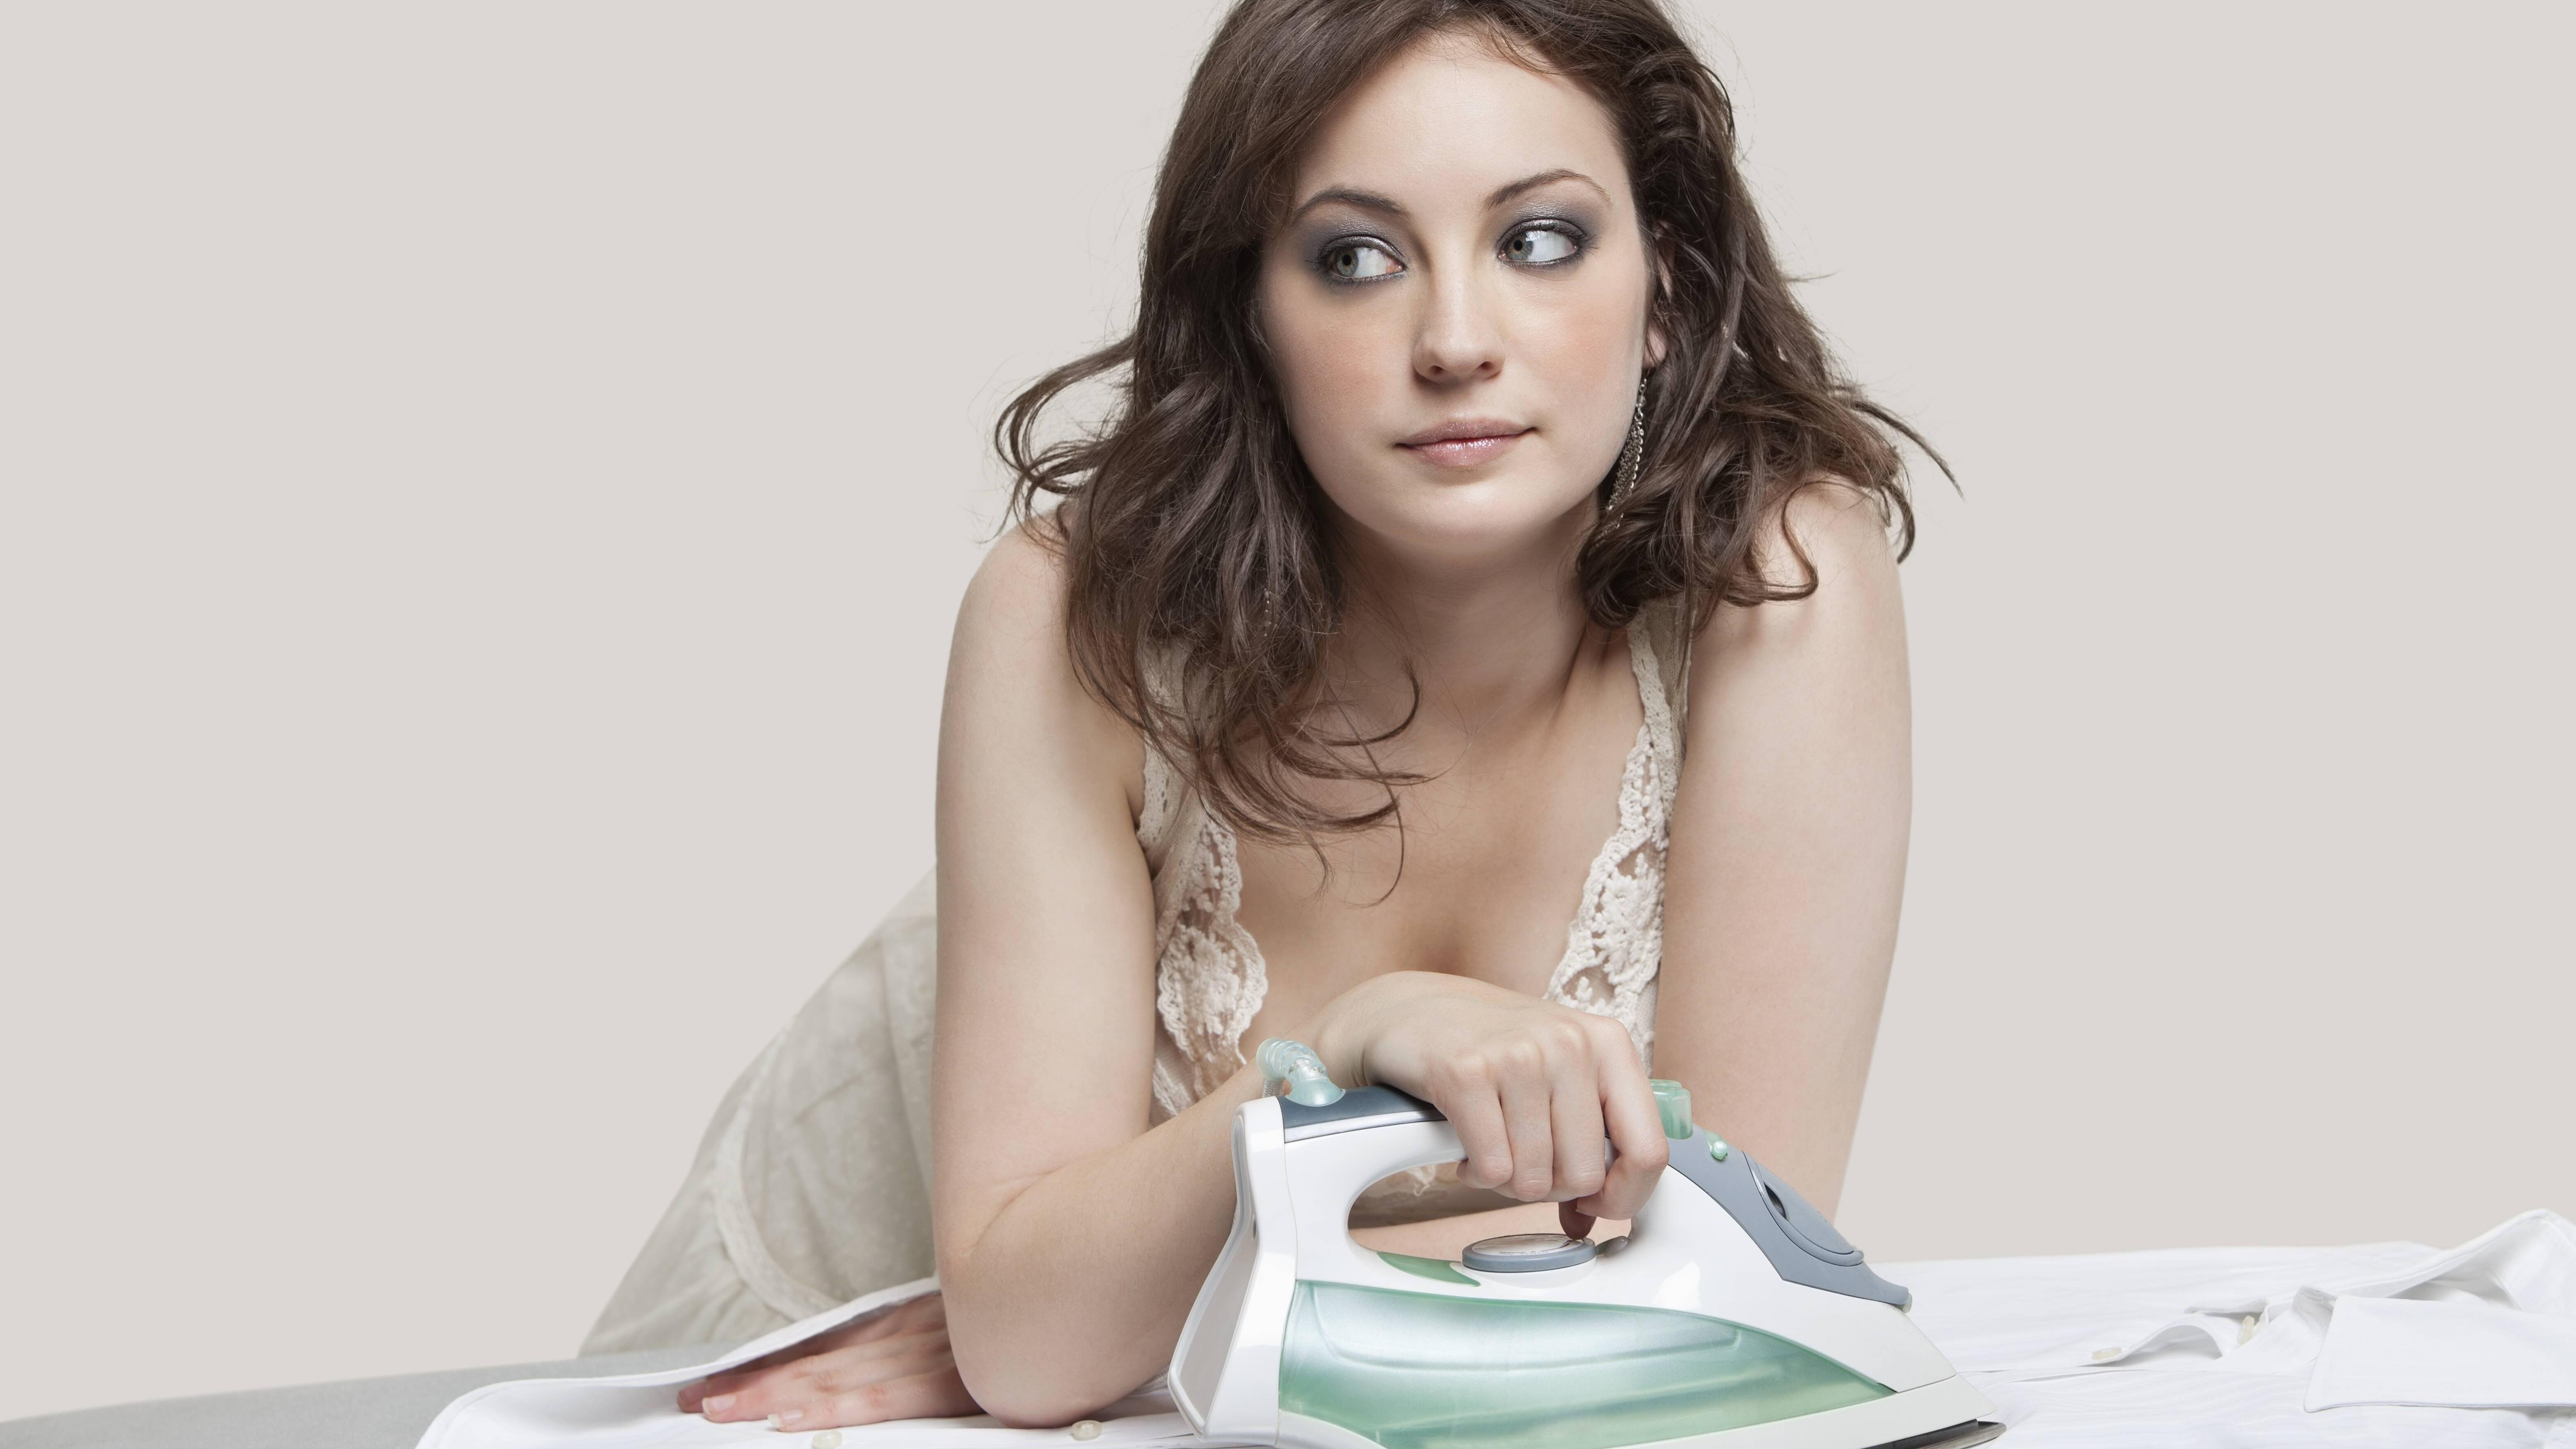 Mit Löschpapier und Bügeleisen entfernen Sie Fettflecken aus Ihrer Kleidung.